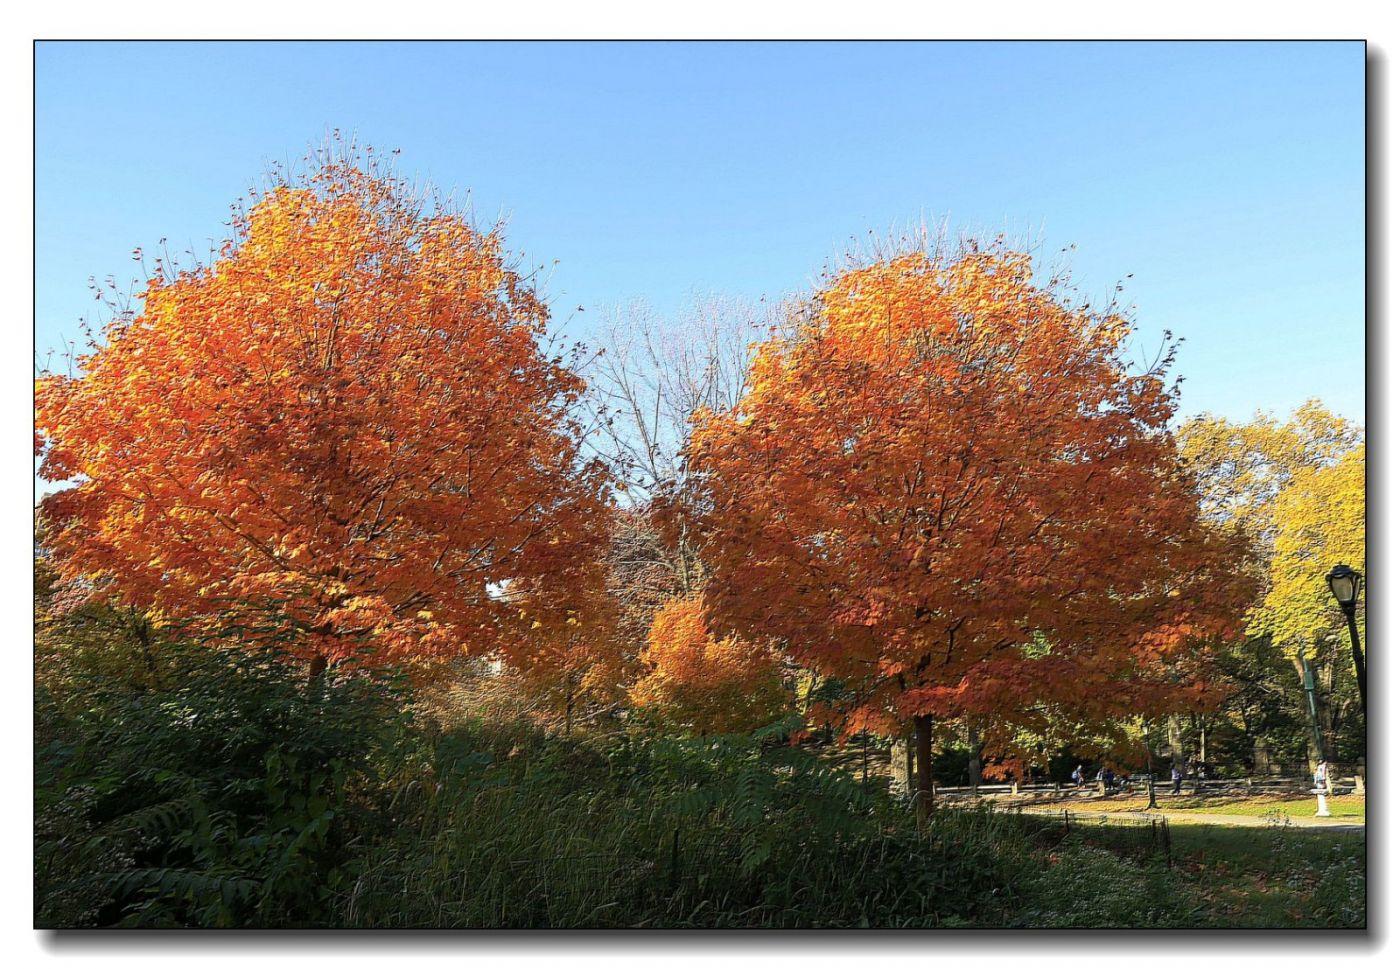 深秋色彩-中央公园1_图1-15